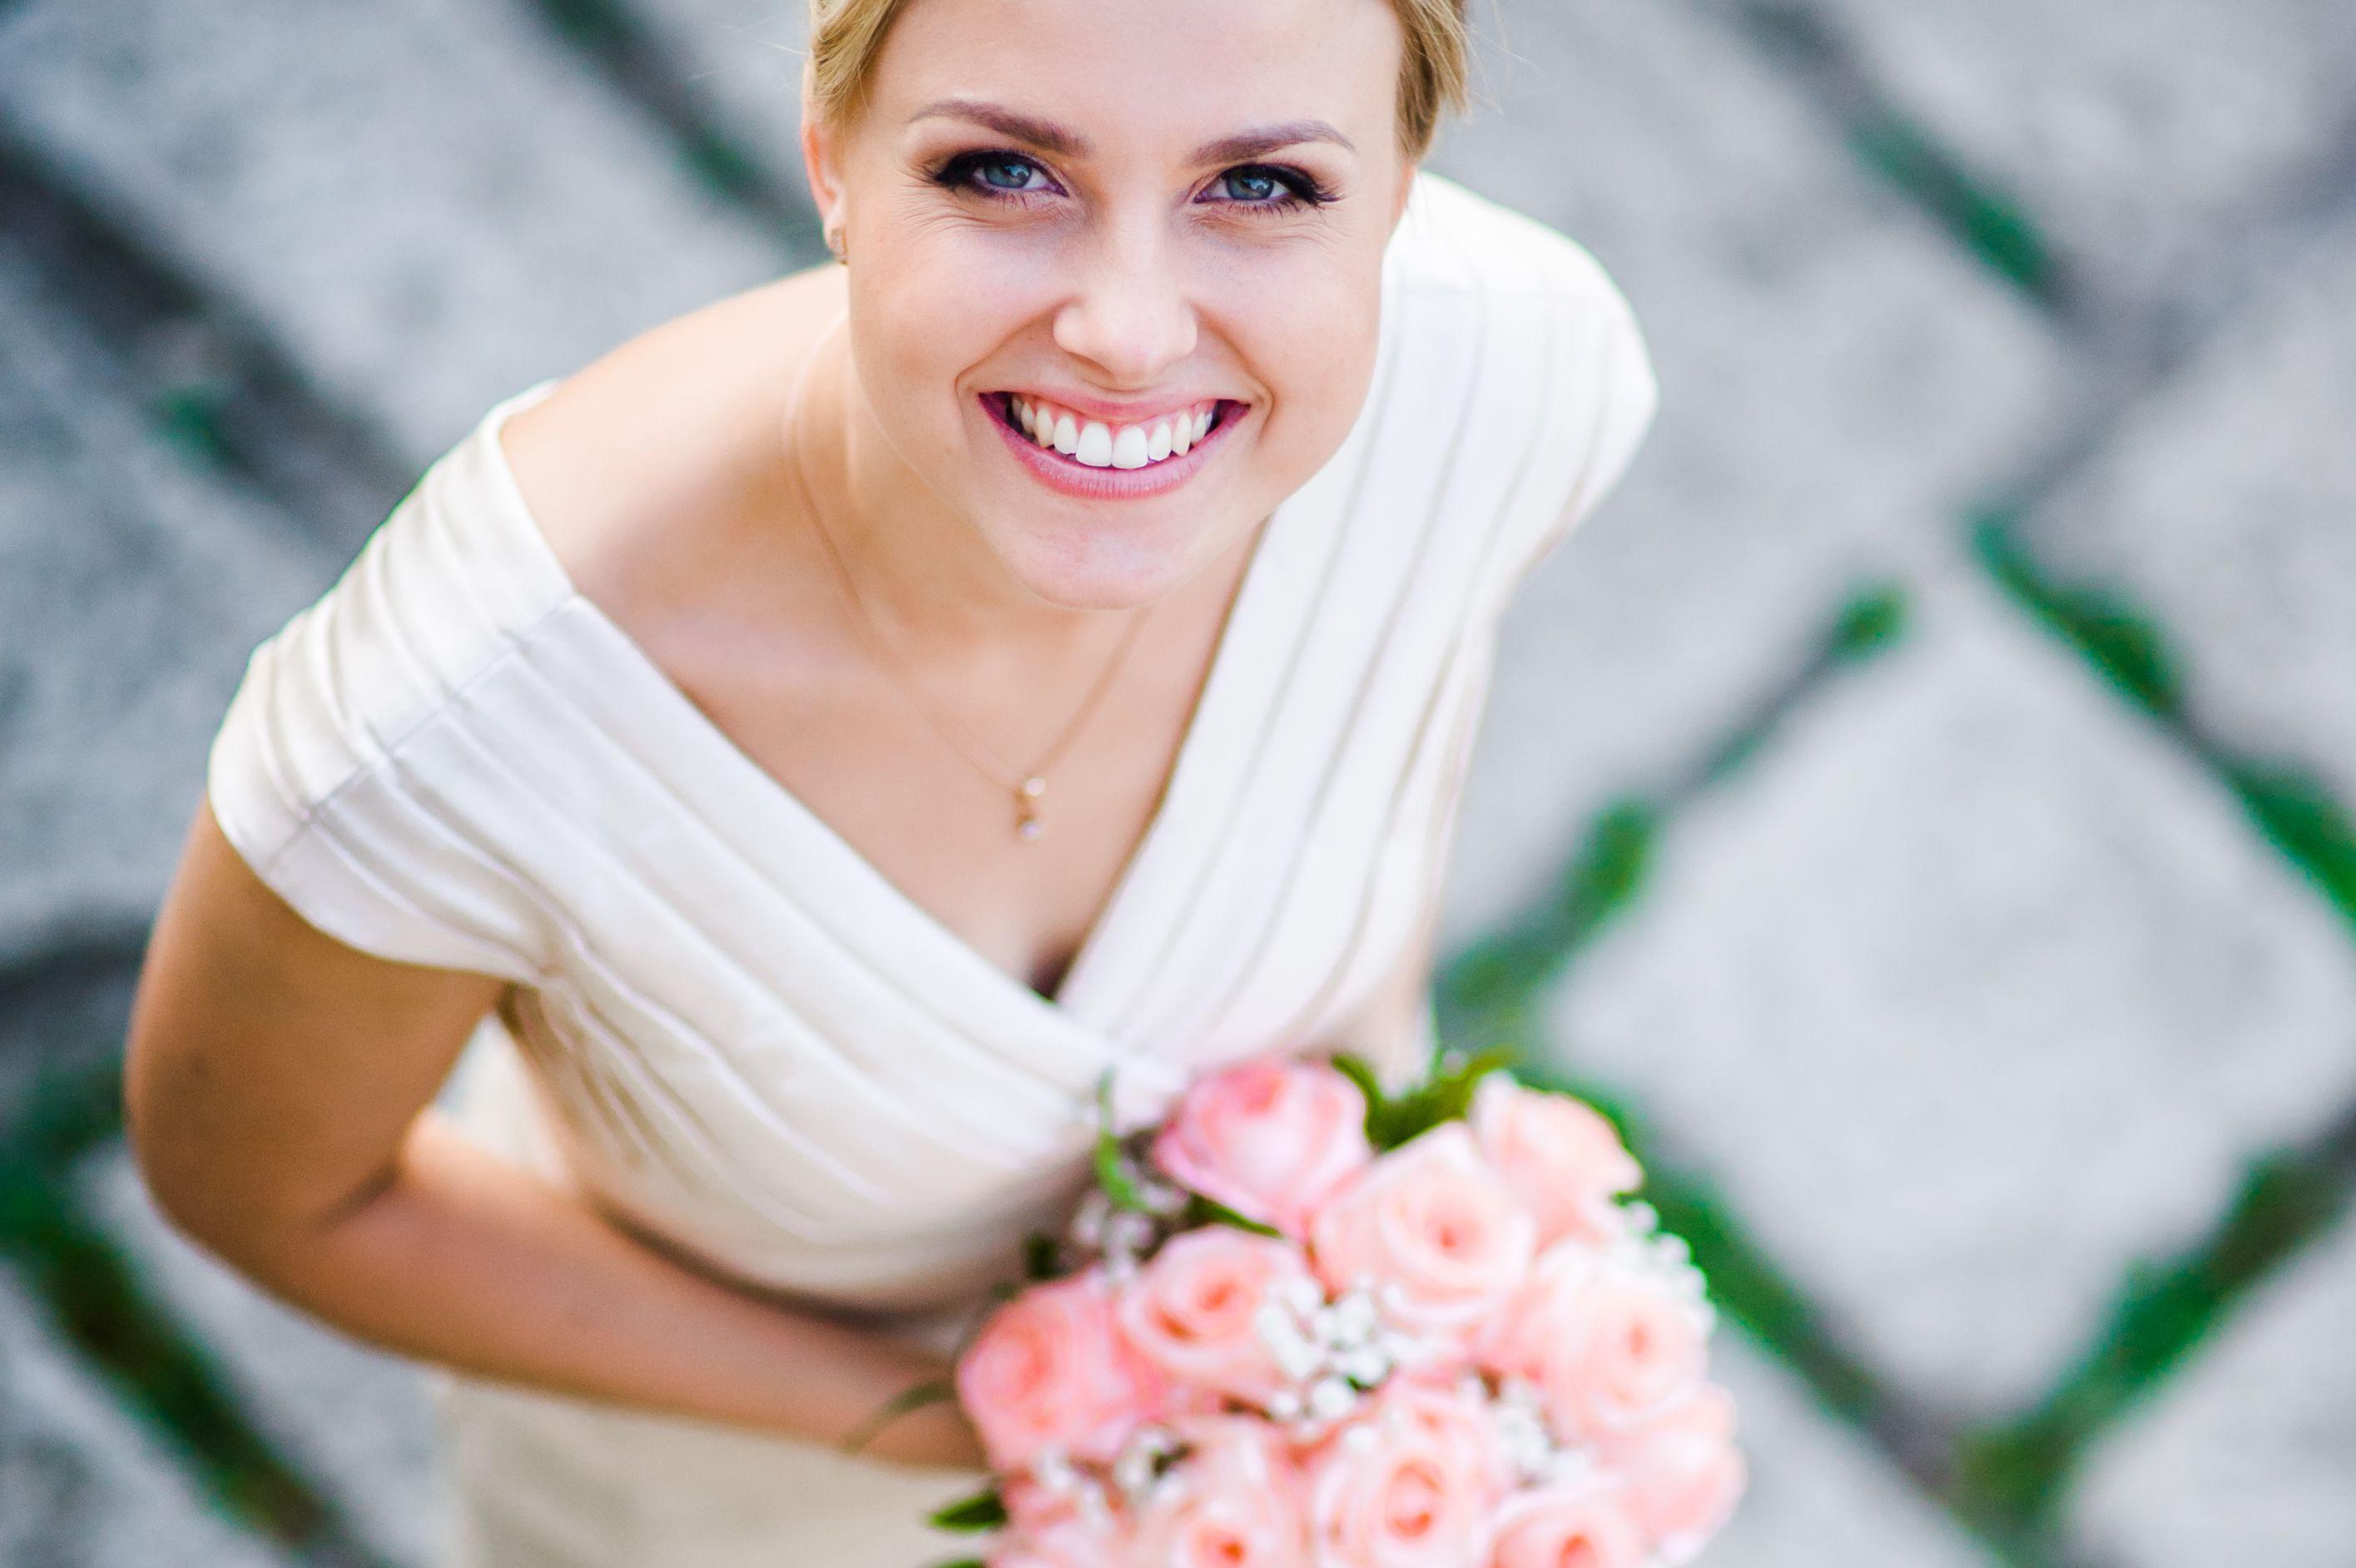 های سفید در عروسی 5 - با لبخندی زیبا راهی عروسیتان شوید